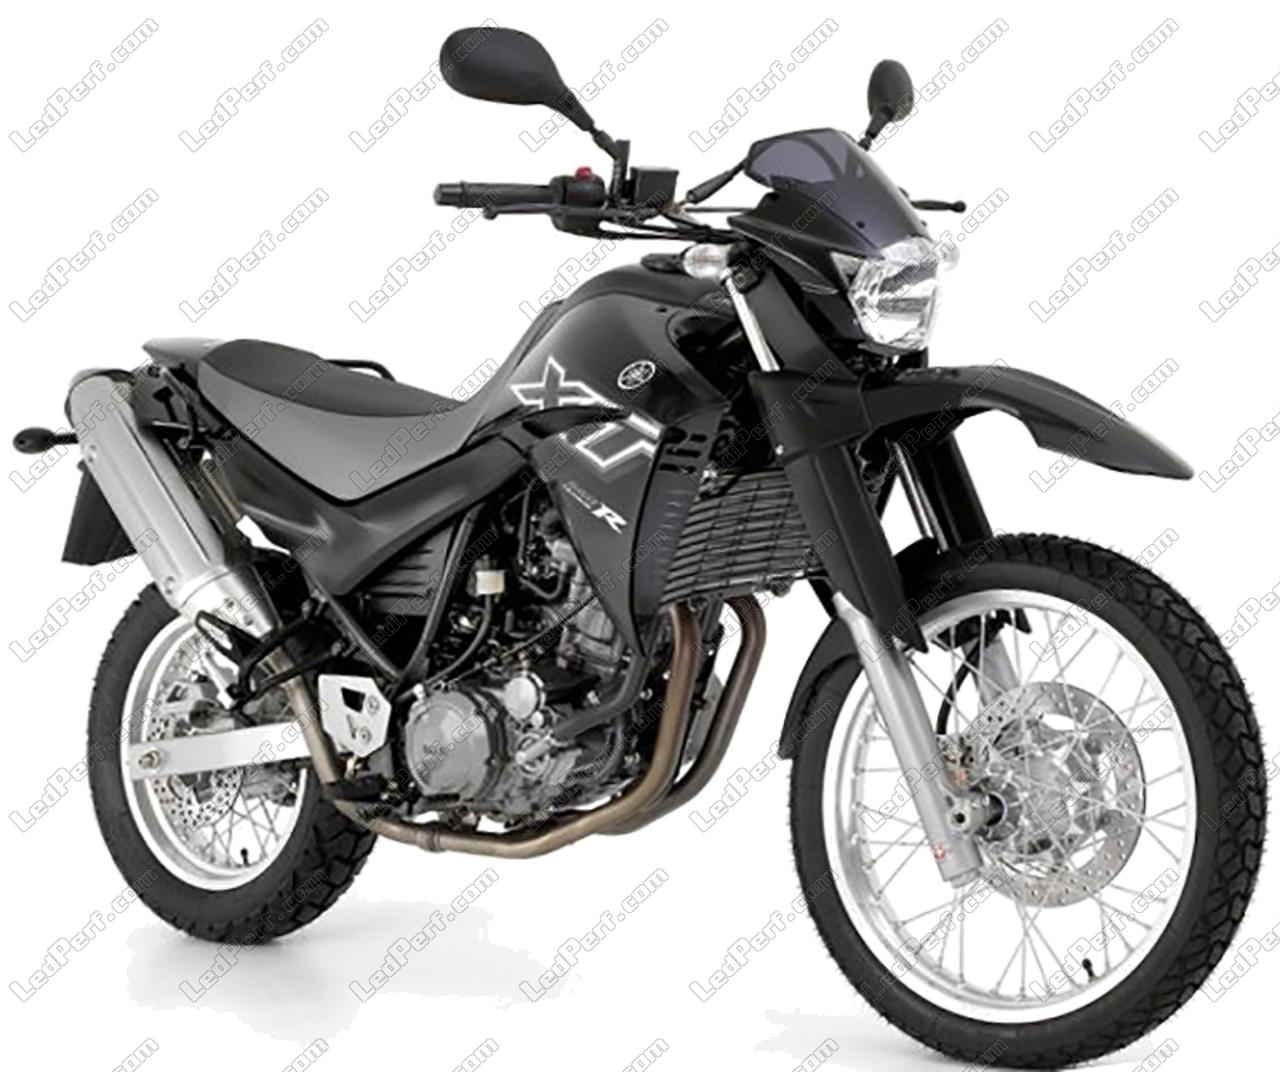 2004-2016 Blinkleuchte vorne links Yamaha XT 660 R Bj